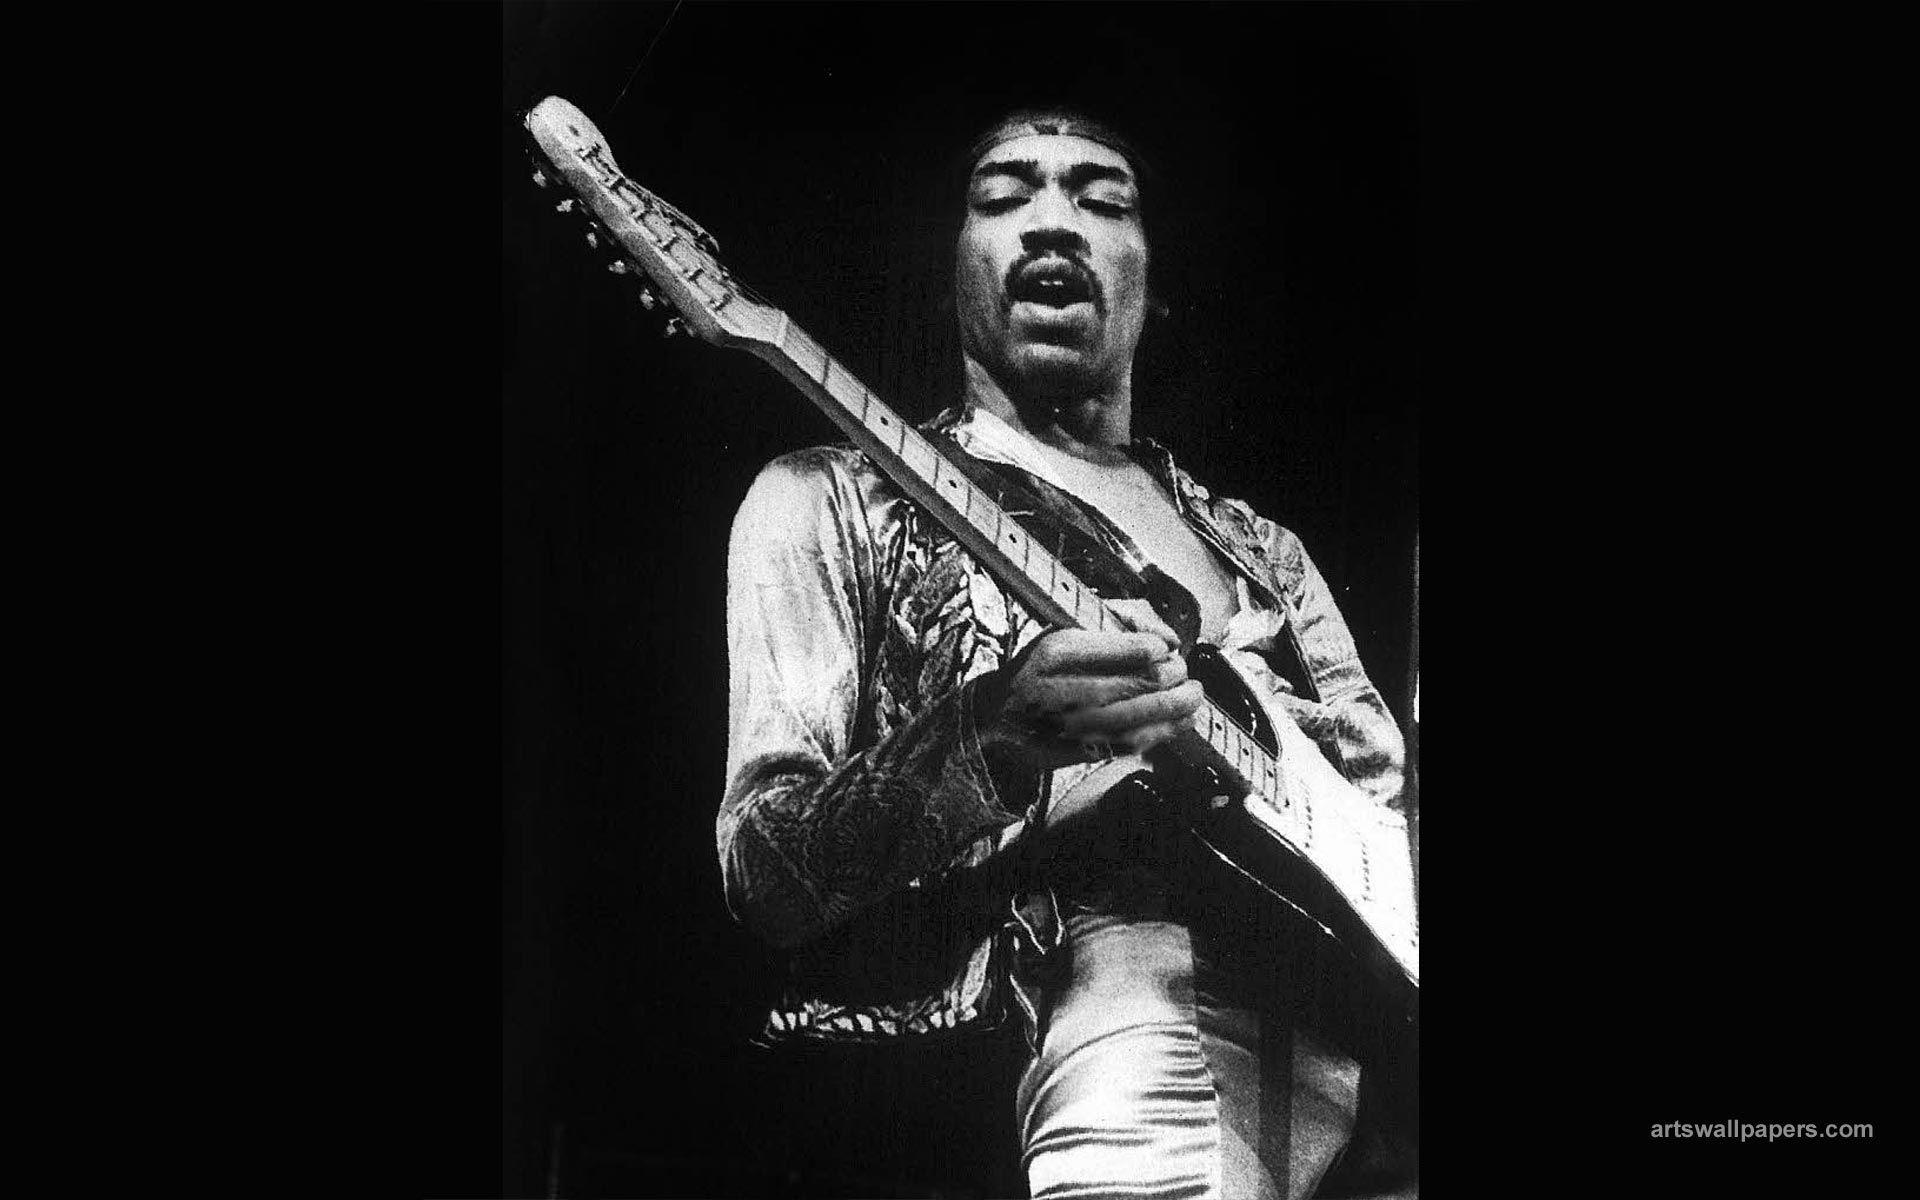 Jimi Hendrix Wallpaper 98980 ZWALLPIX Jimi hendrix